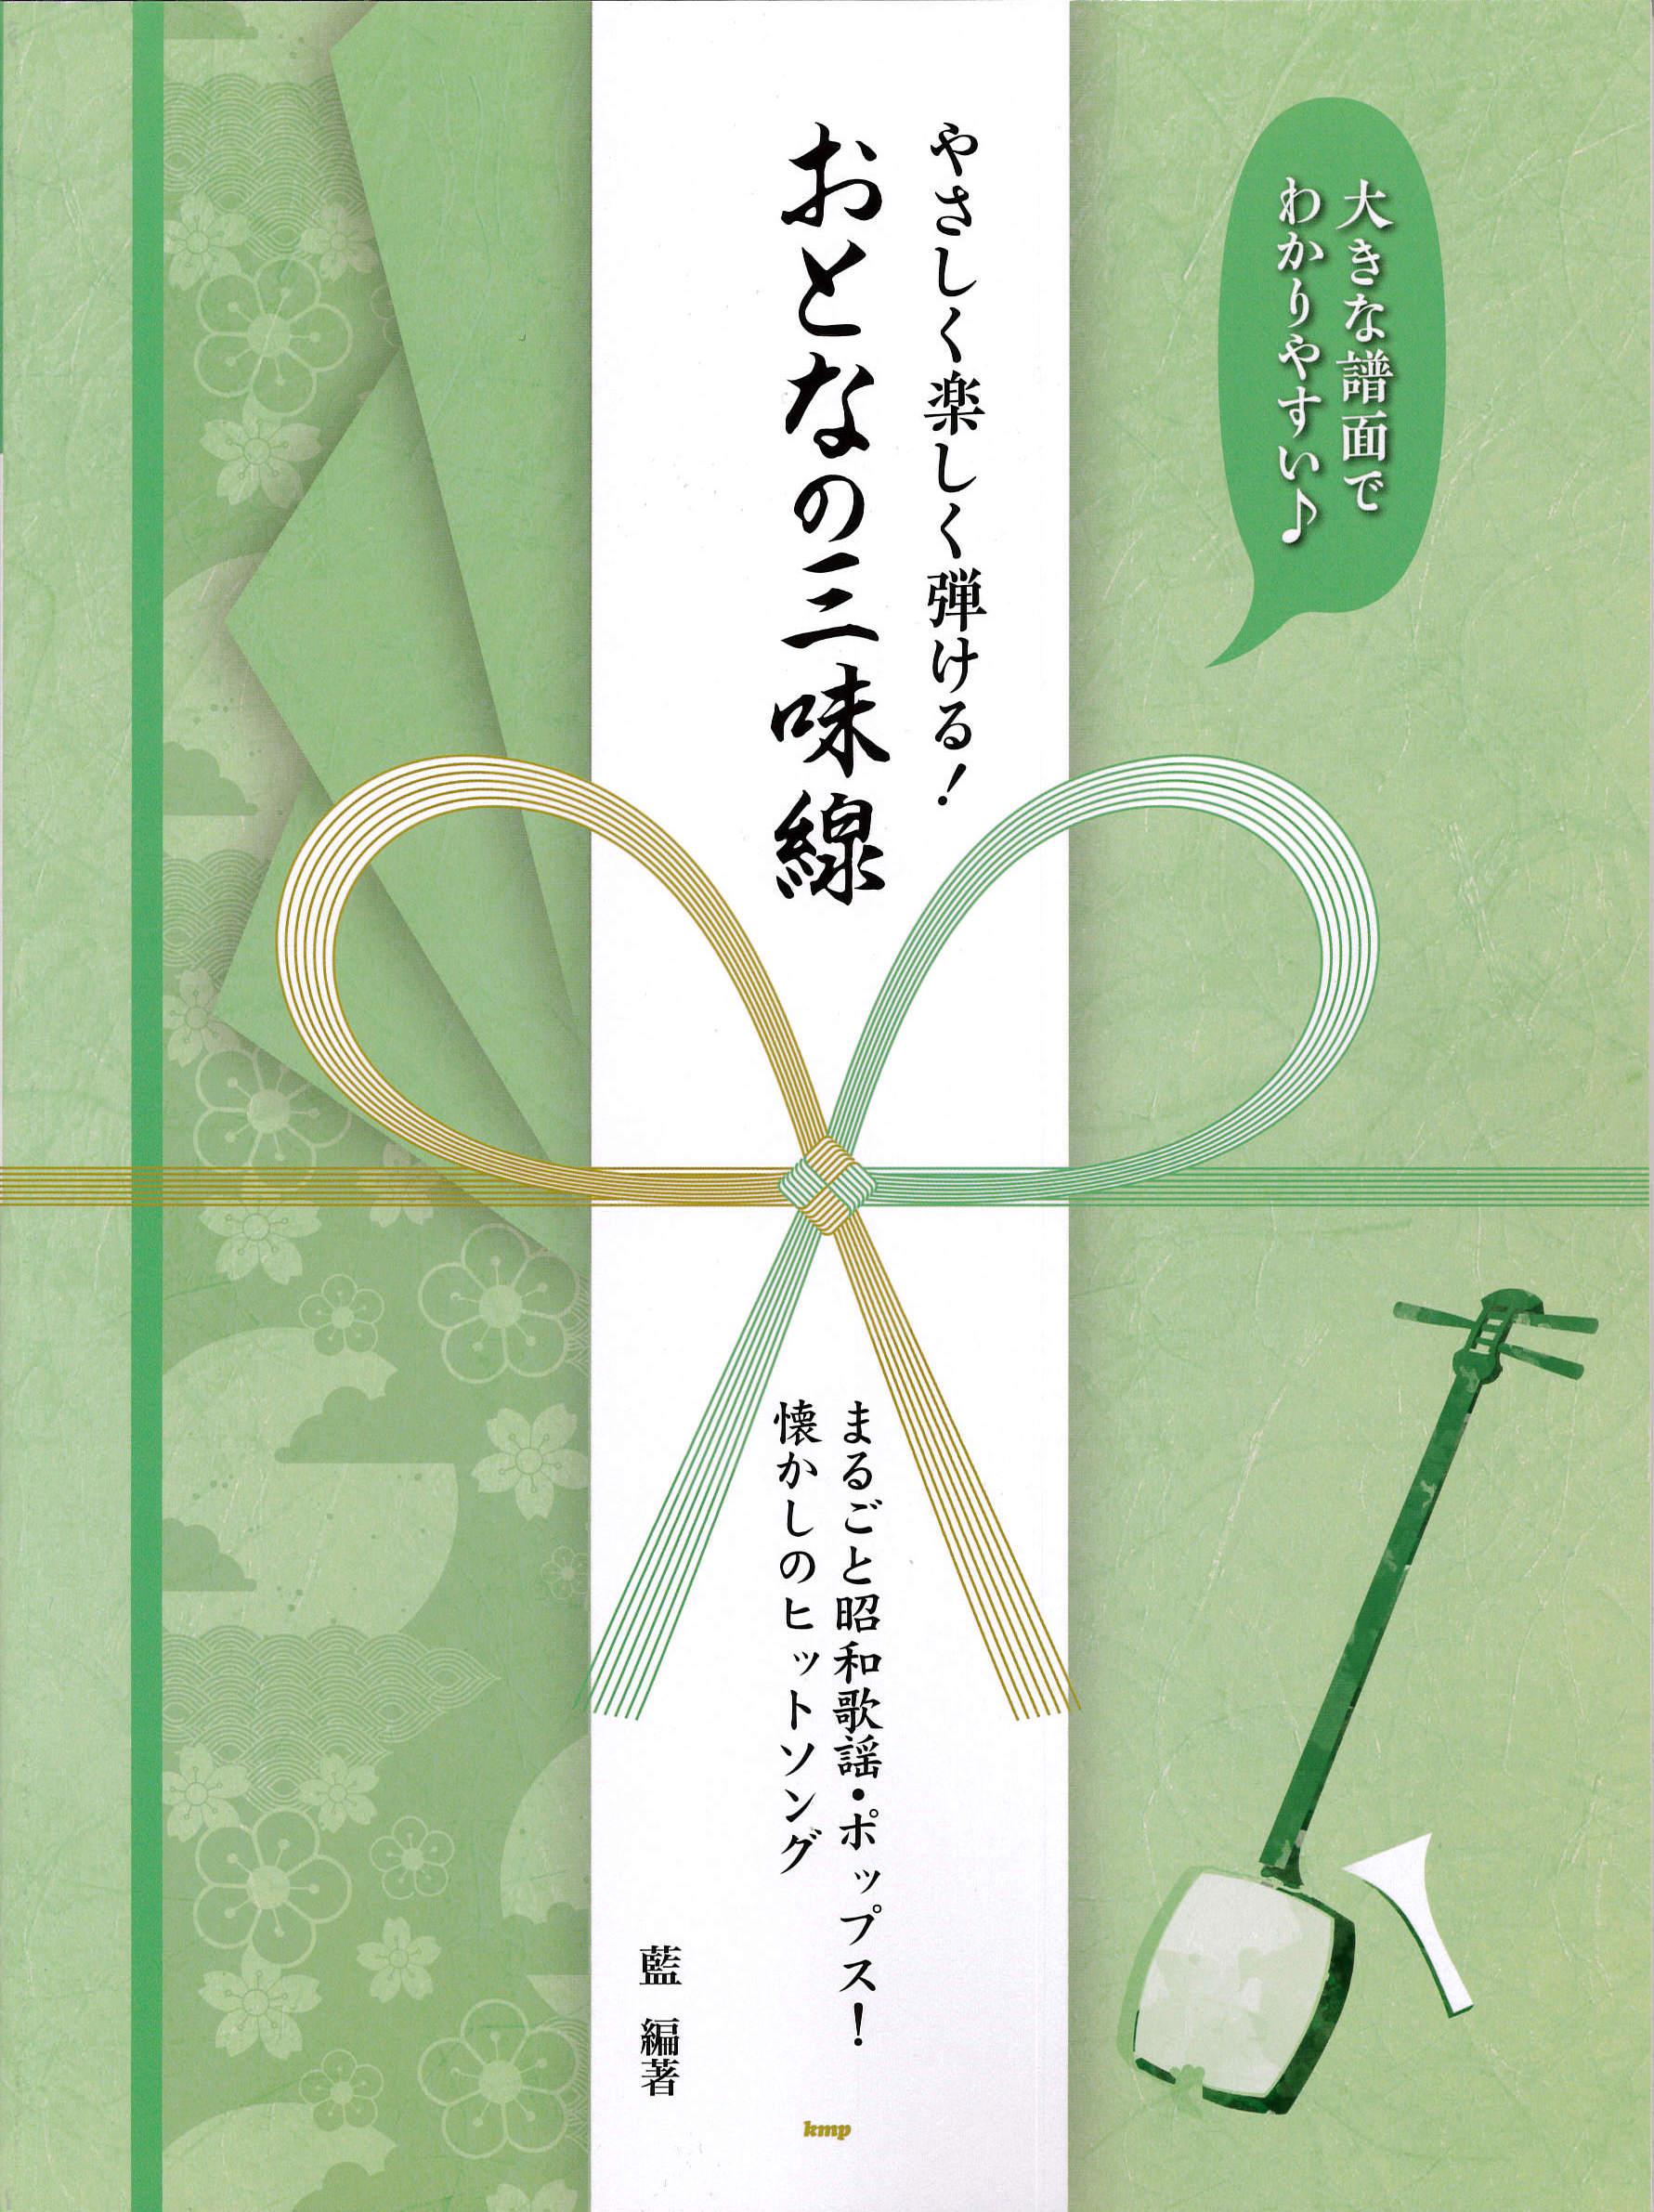 楽譜集 おとなの三味線 まるごと昭和歌謡・ポップス!懐かしのヒットソング[5692]